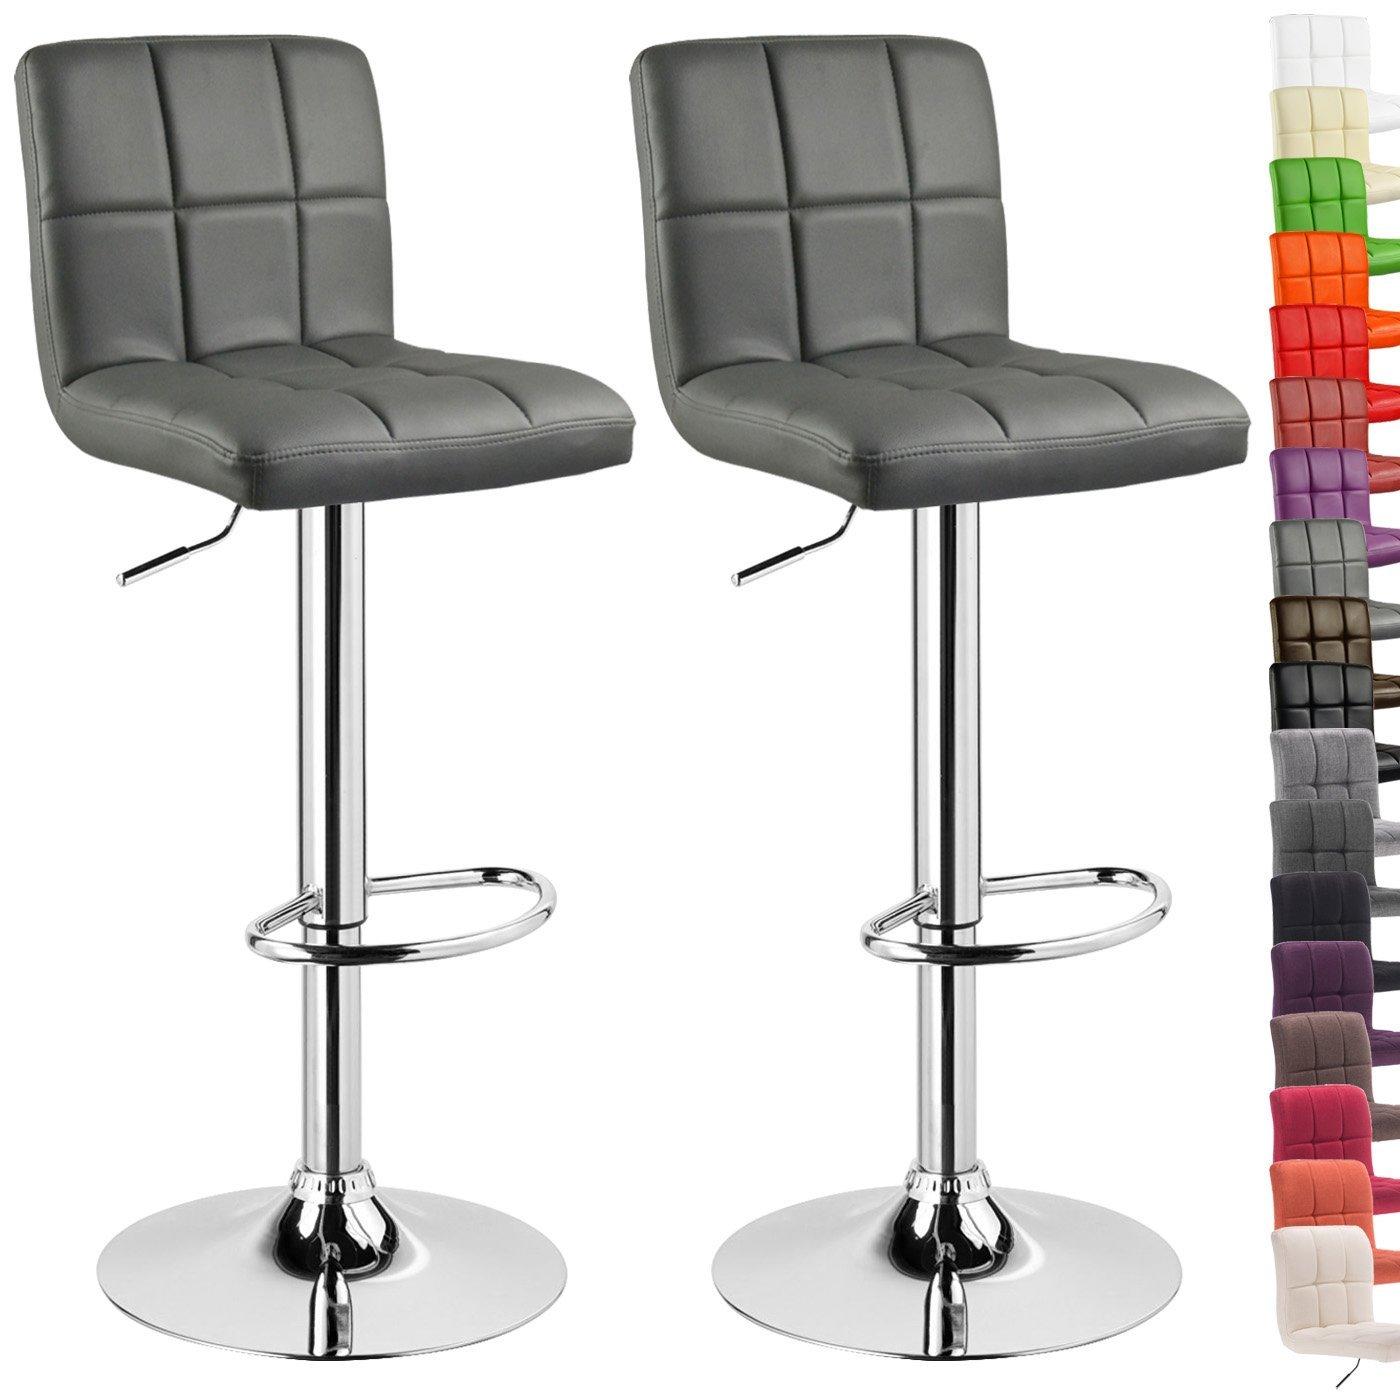 tabouret de bar qui grince. Black Bedroom Furniture Sets. Home Design Ideas